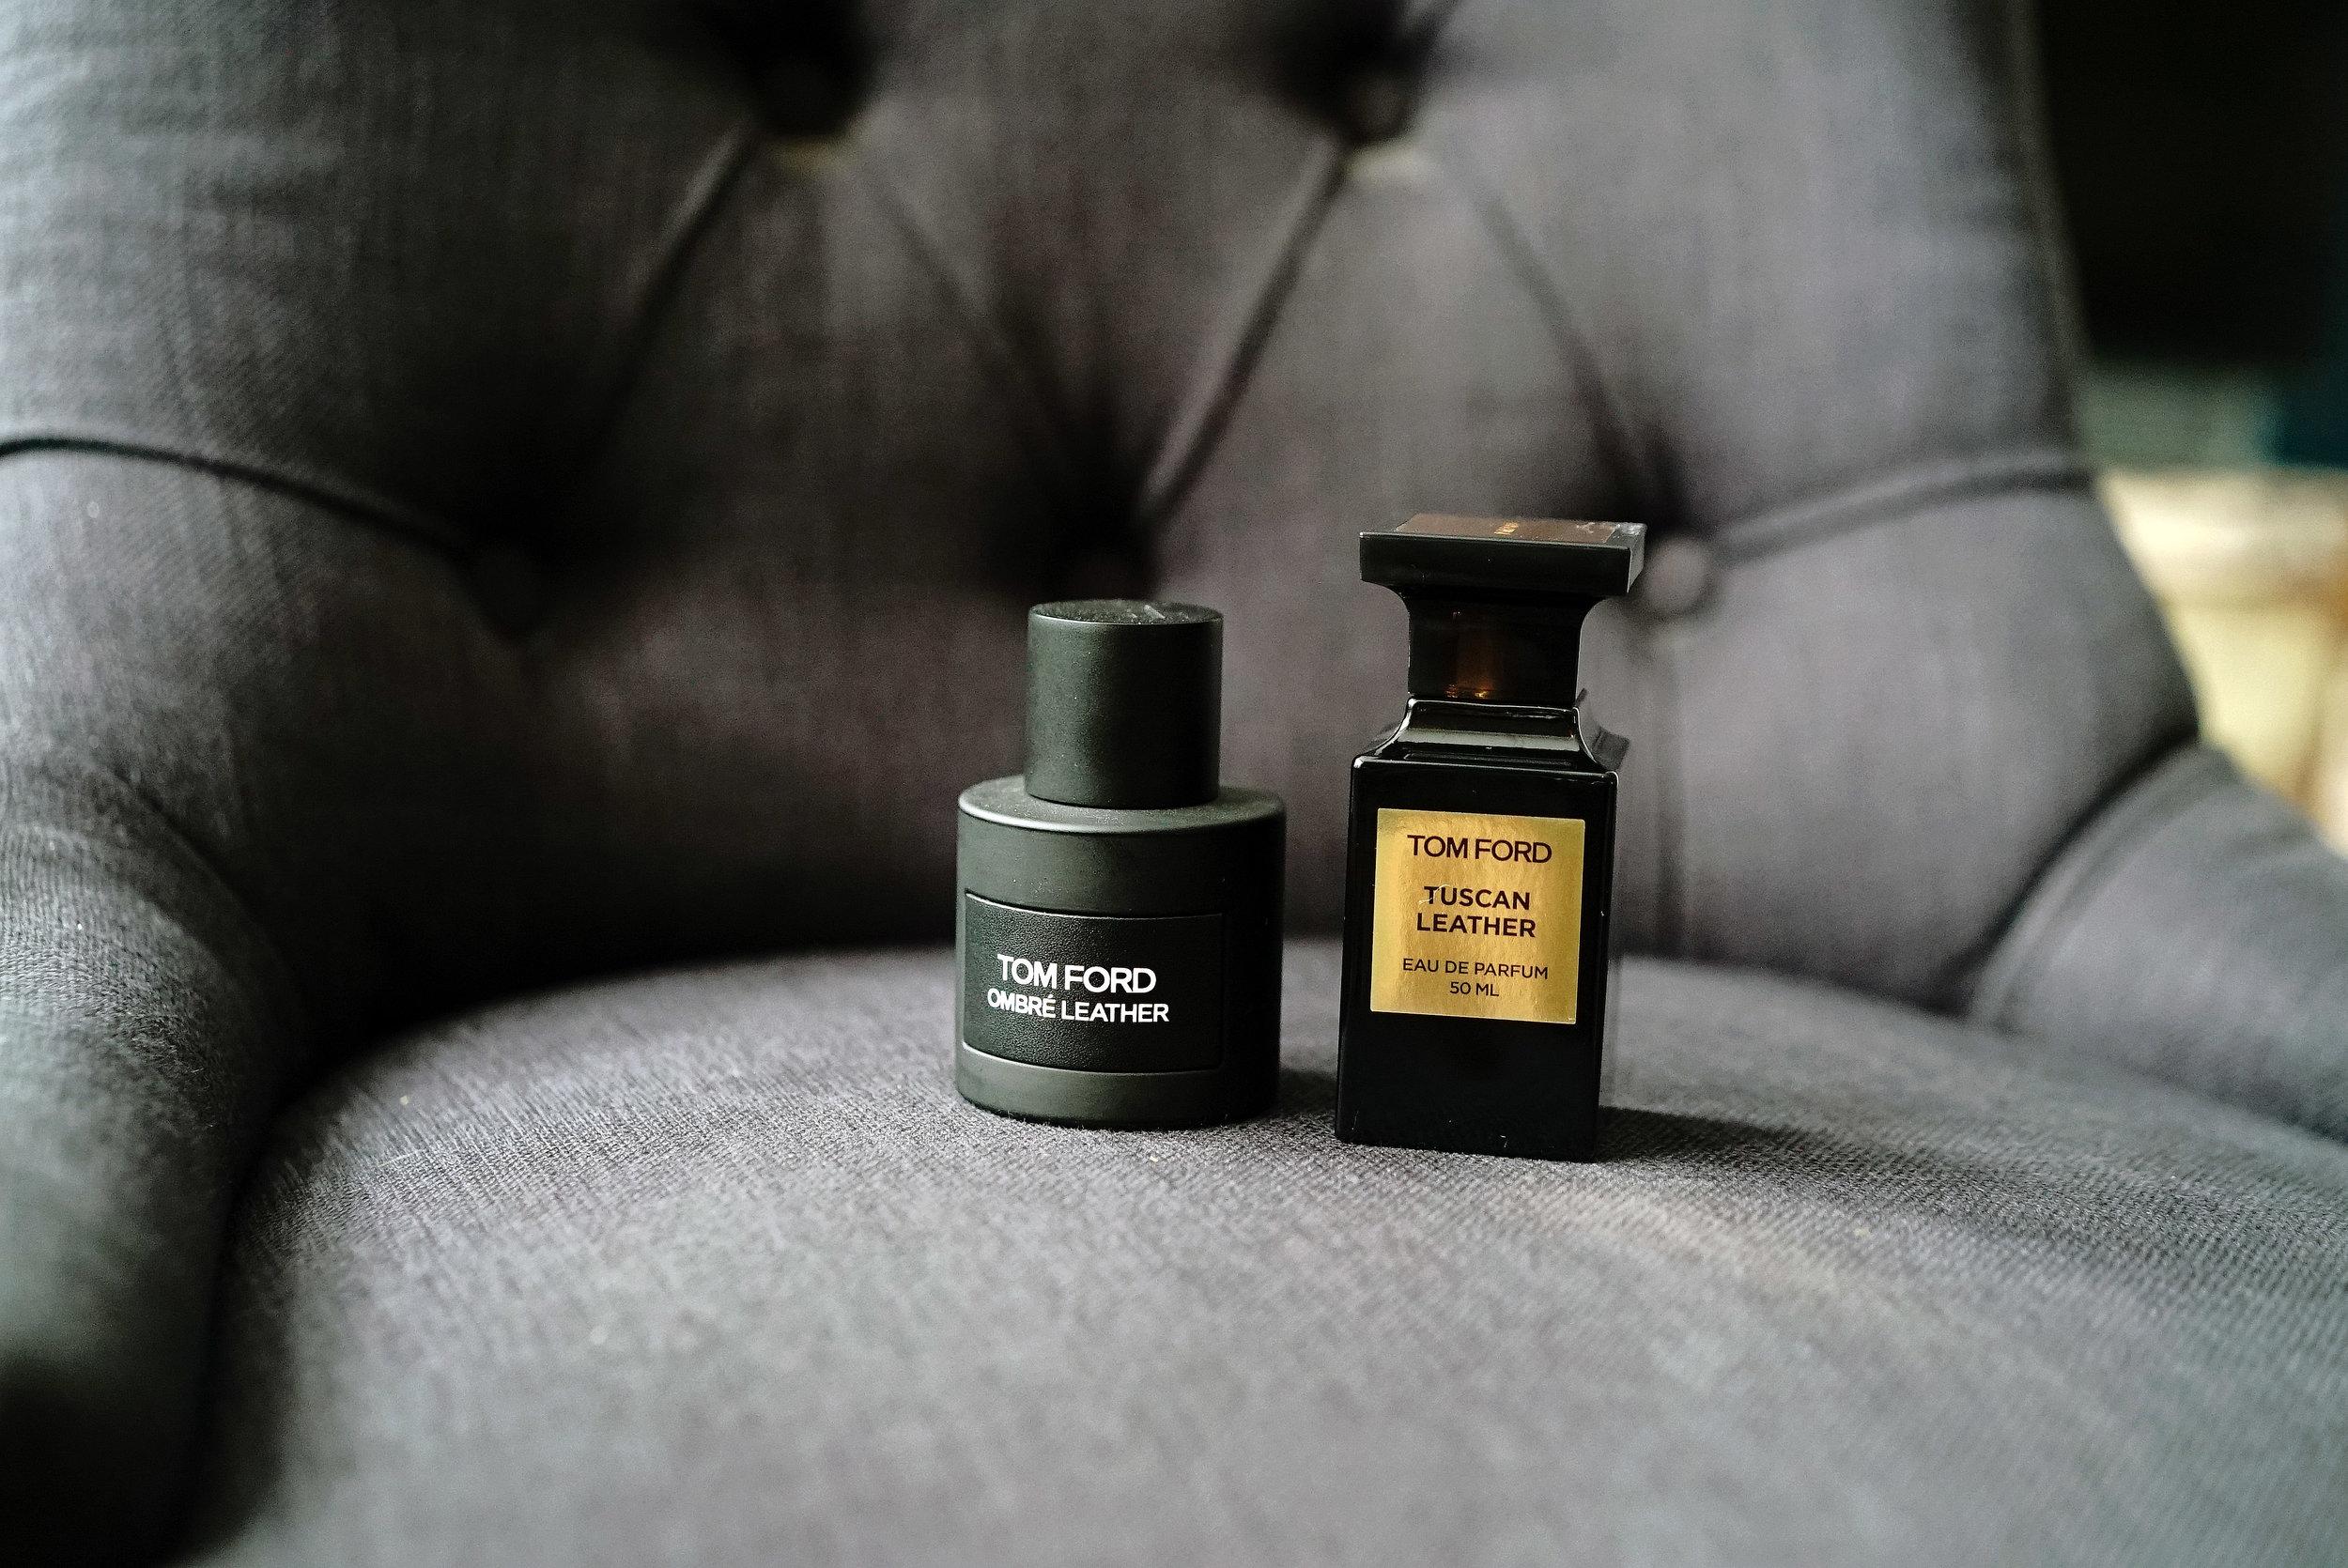 Tom Ford Best Fragrances.jpg